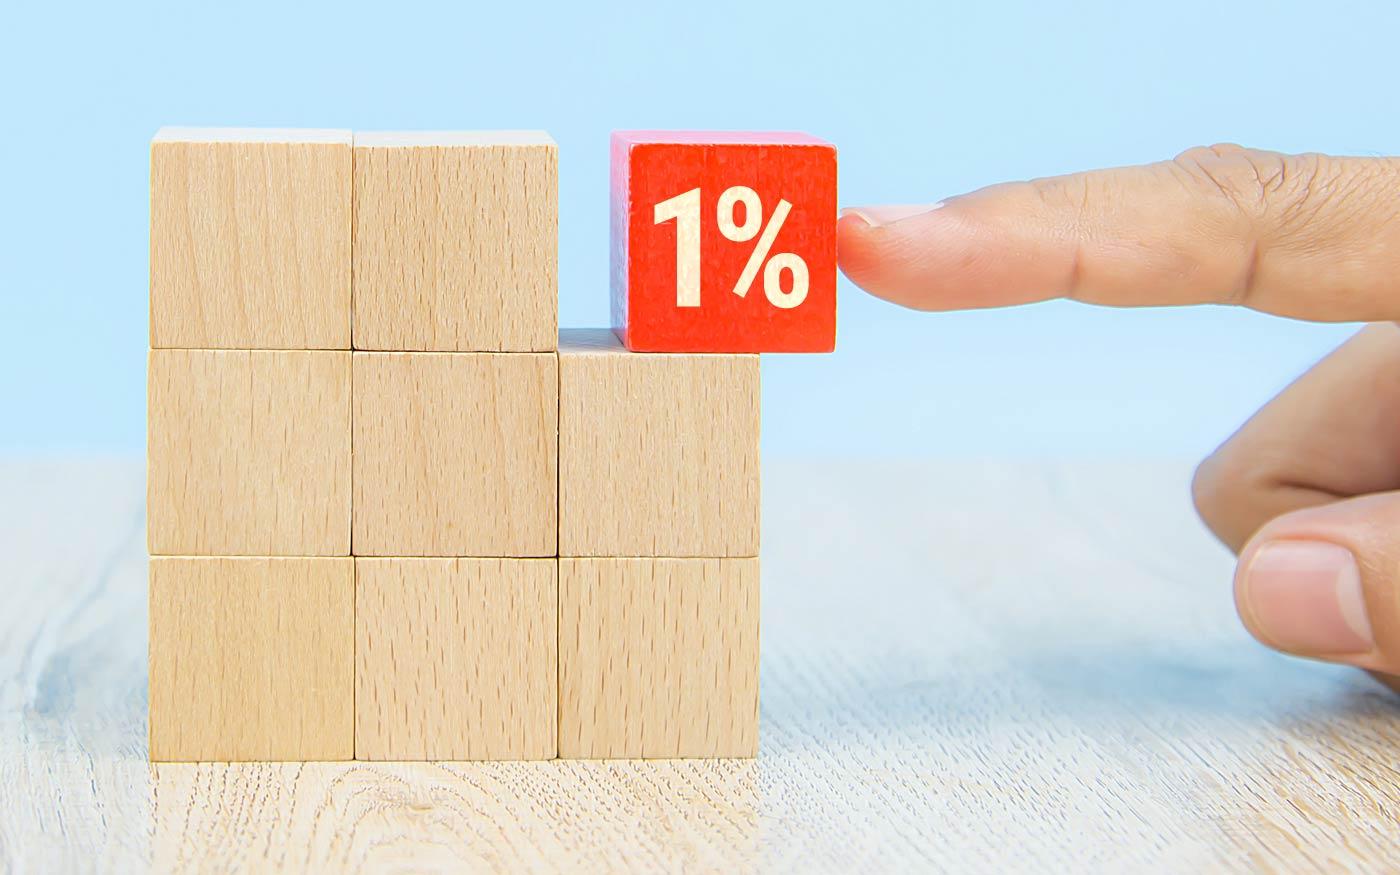 Ne feledkezzen el az 1+1 százalékról! Gyorsabban elintézheti mint egy pizzarendelést